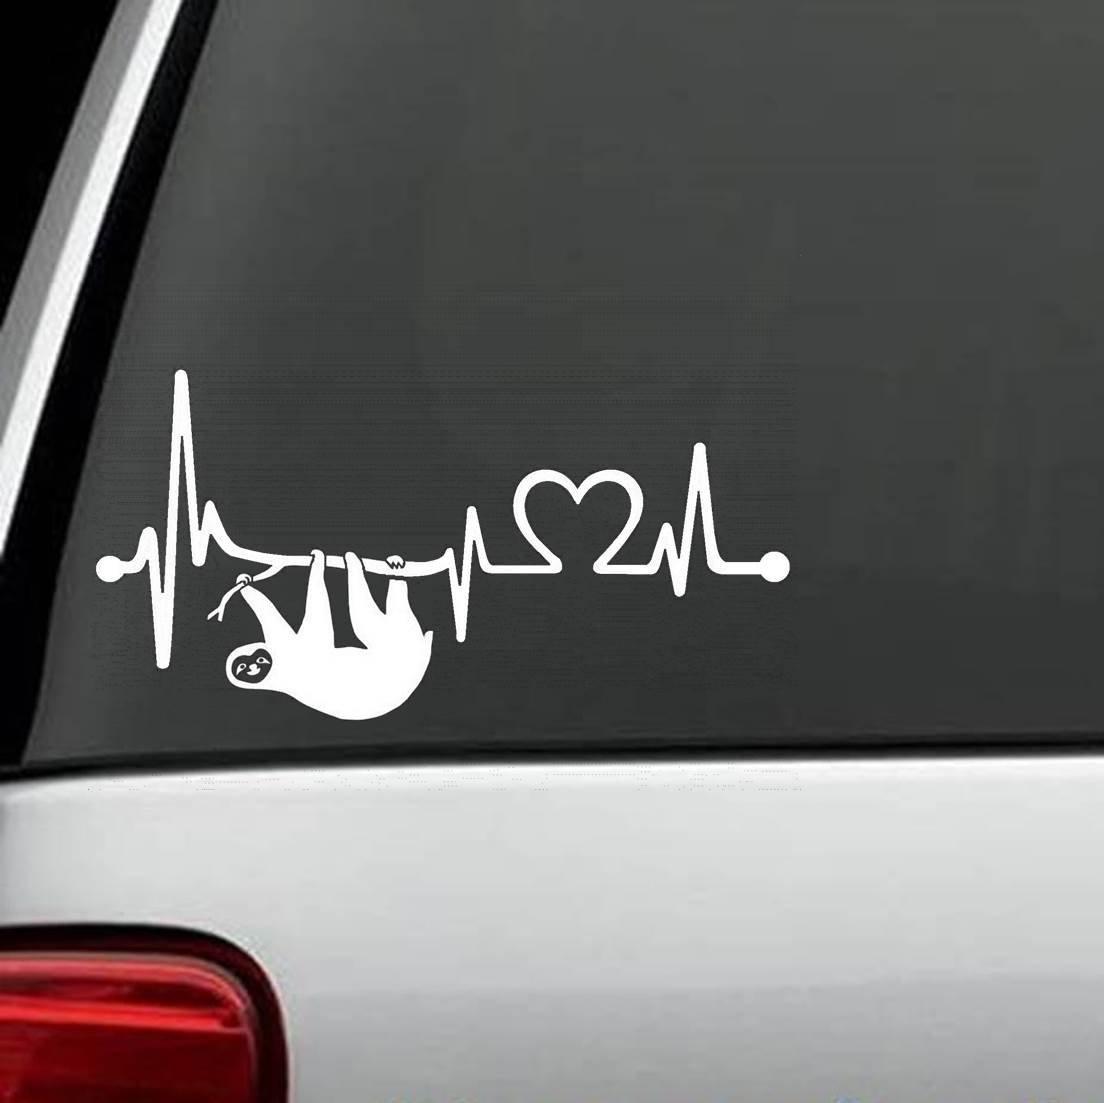 K1092 Sloth Heartbeat Lifeline Heart Love Decal Sticker Bluegrass Decals